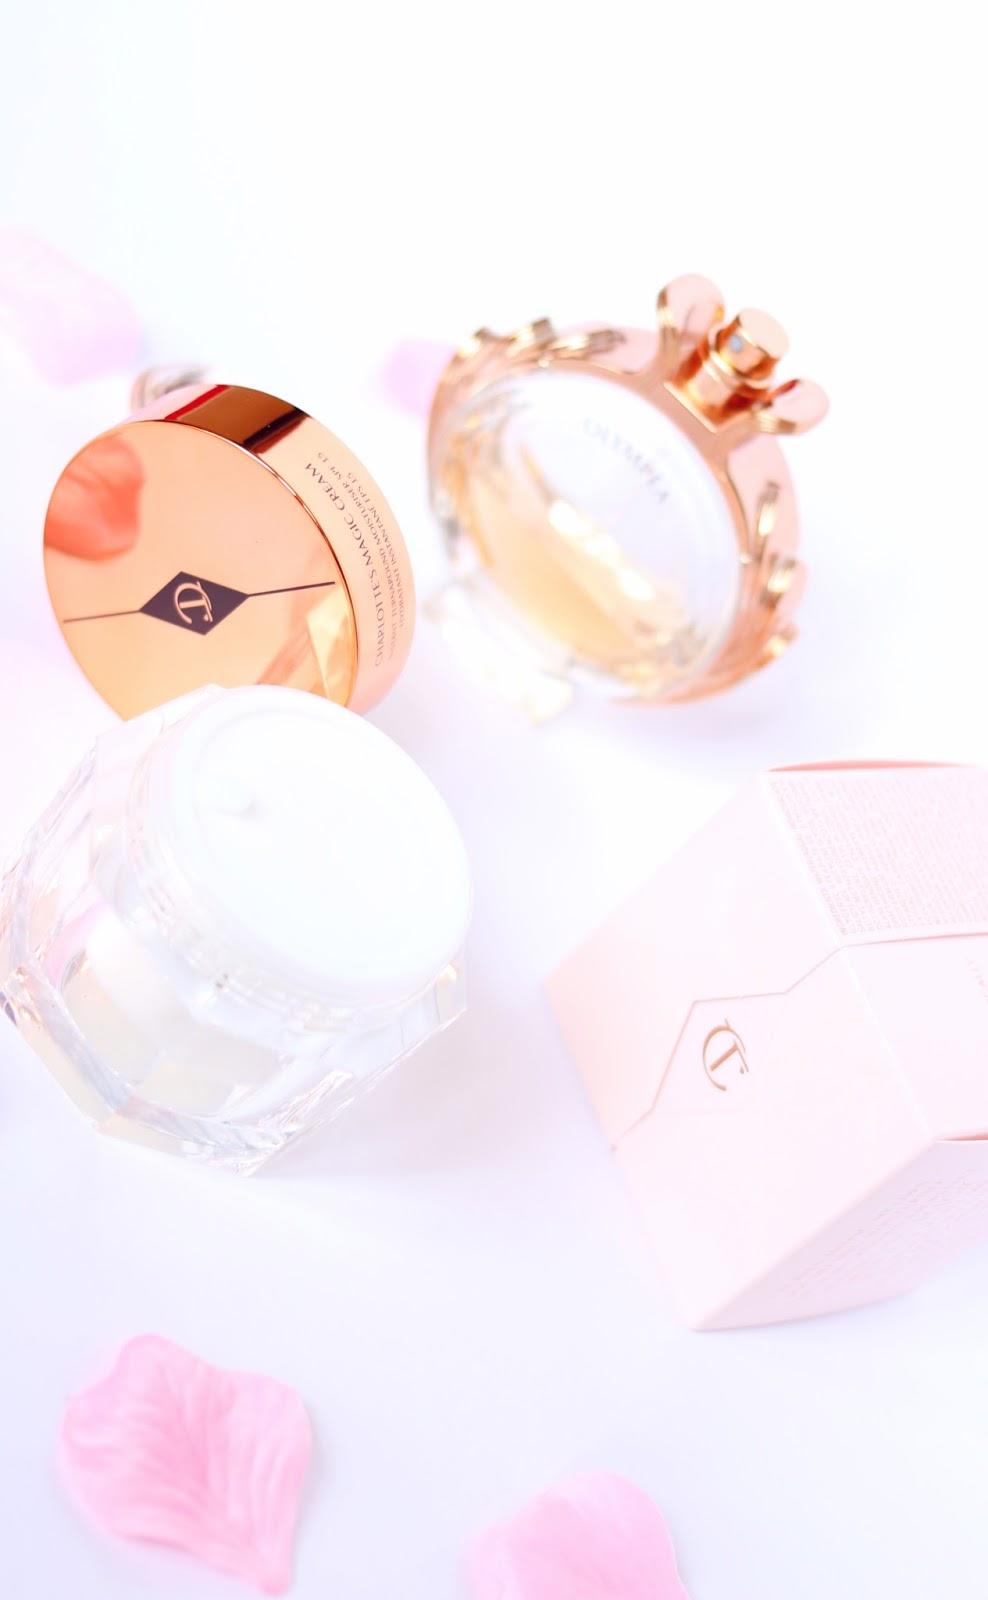 Charlotte Tilbury Charlotte's Magic Cream